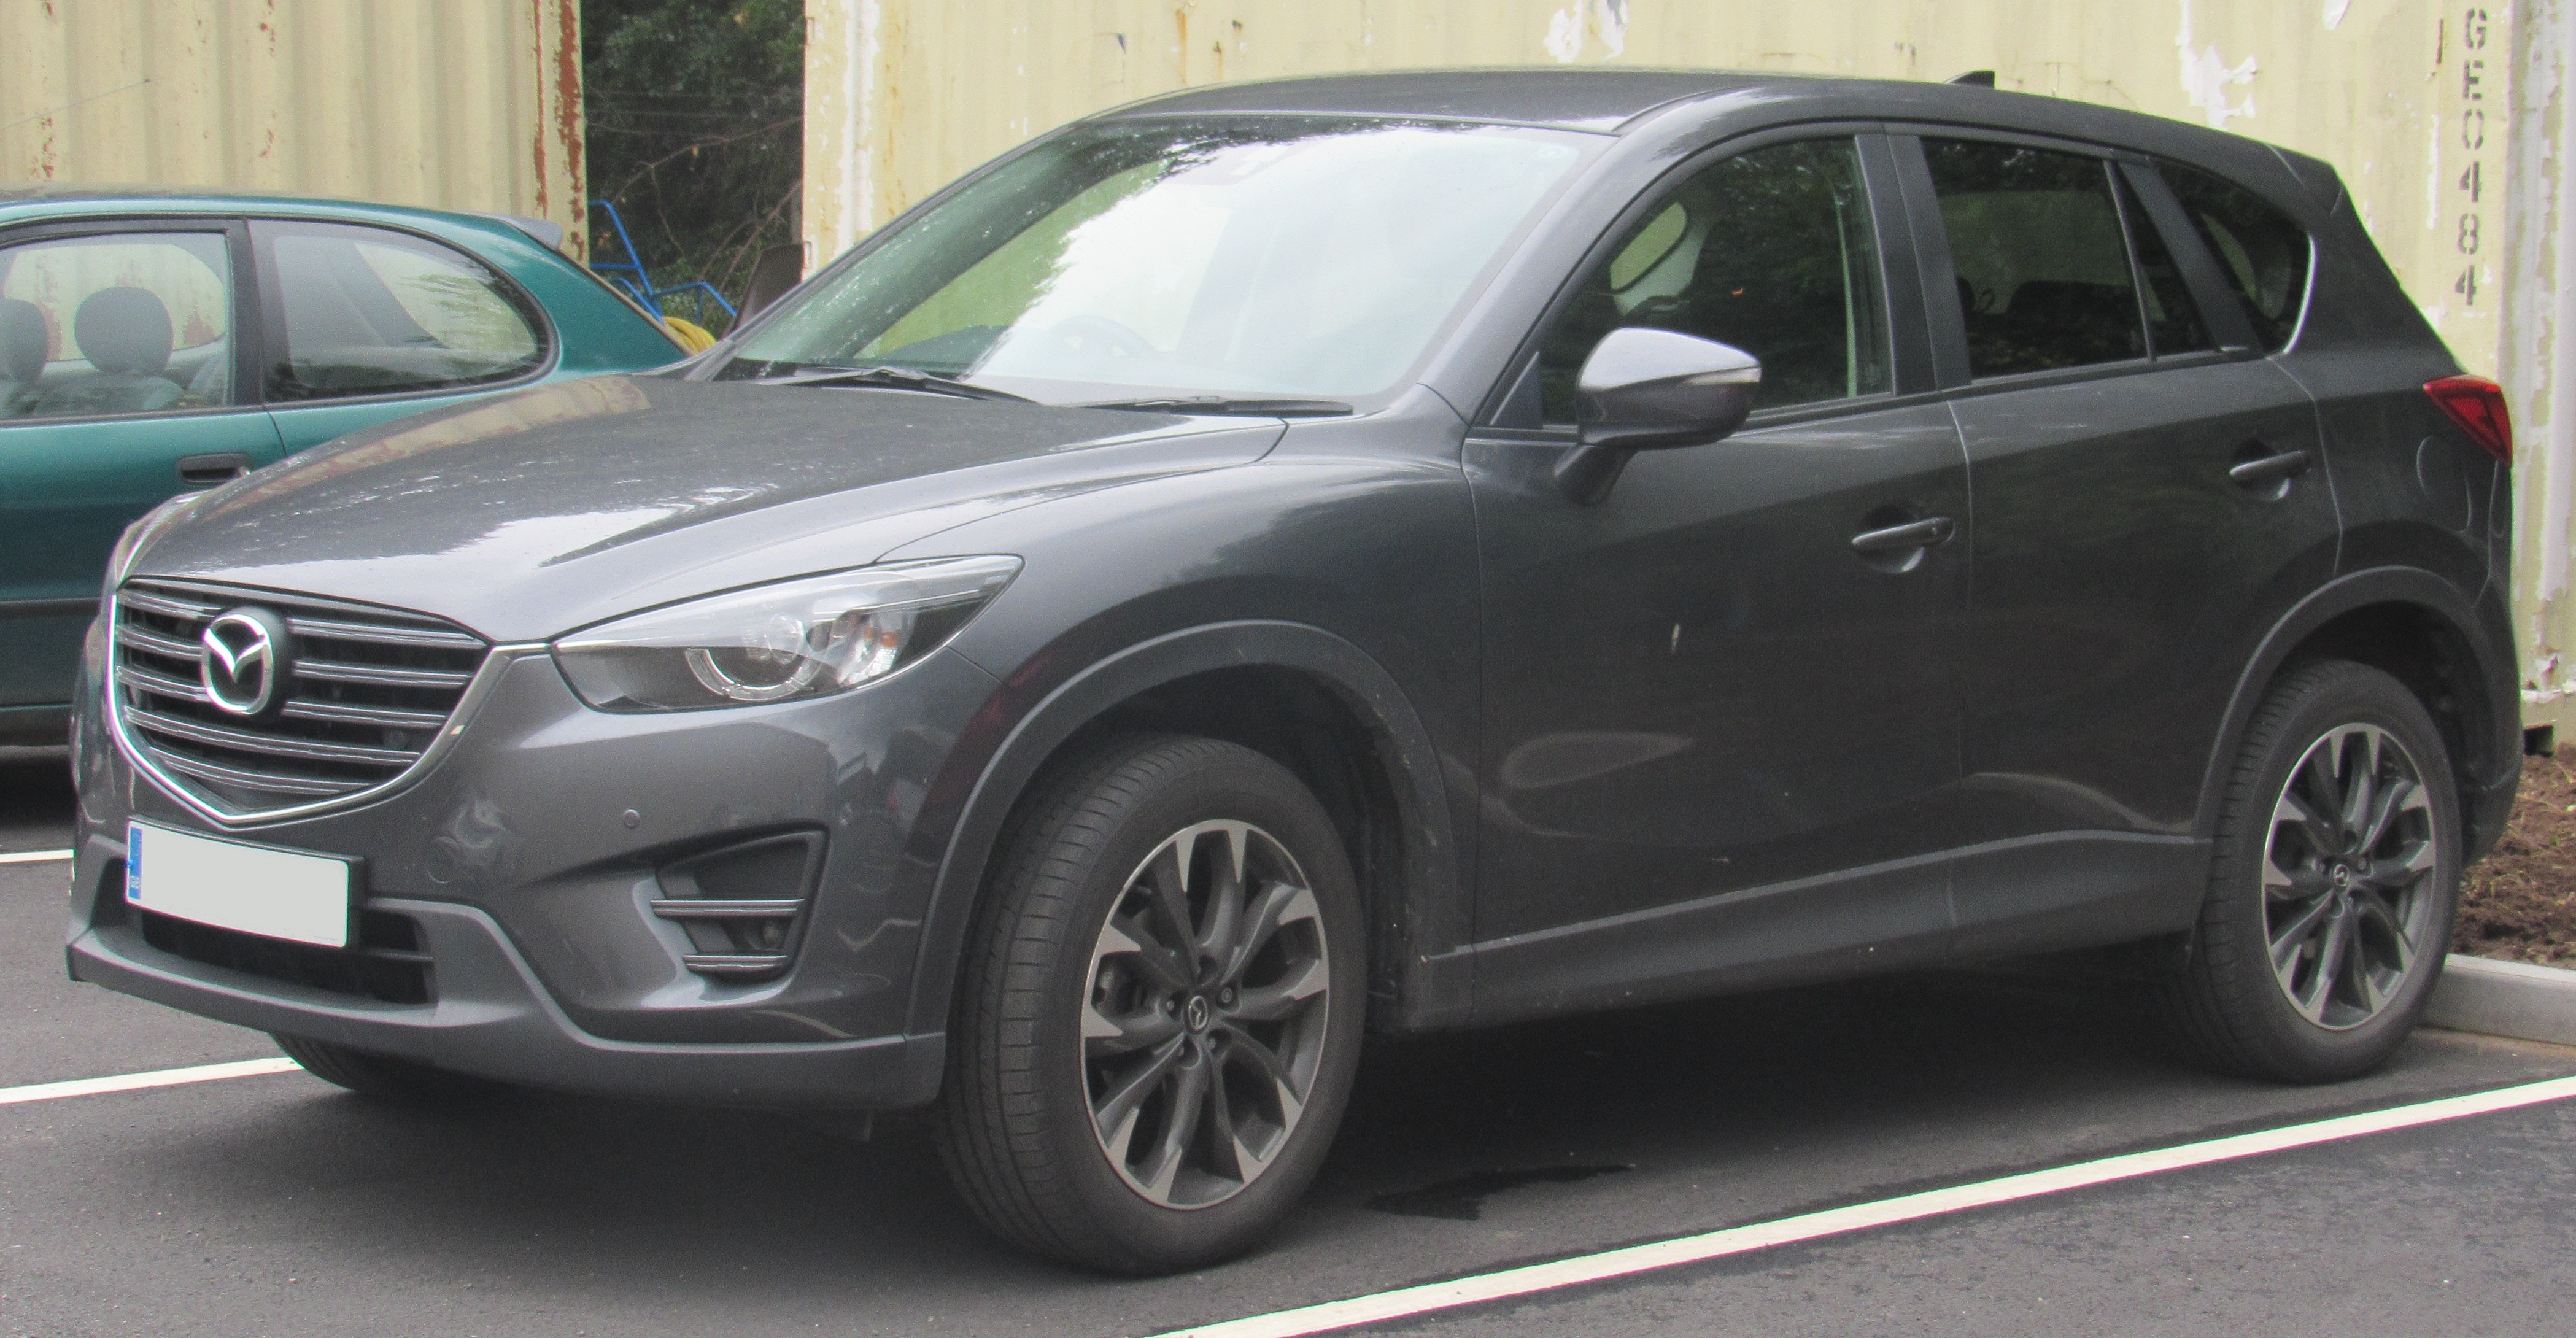 Kelebihan Kekurangan Mazda Cx 5 2015 Spesifikasi